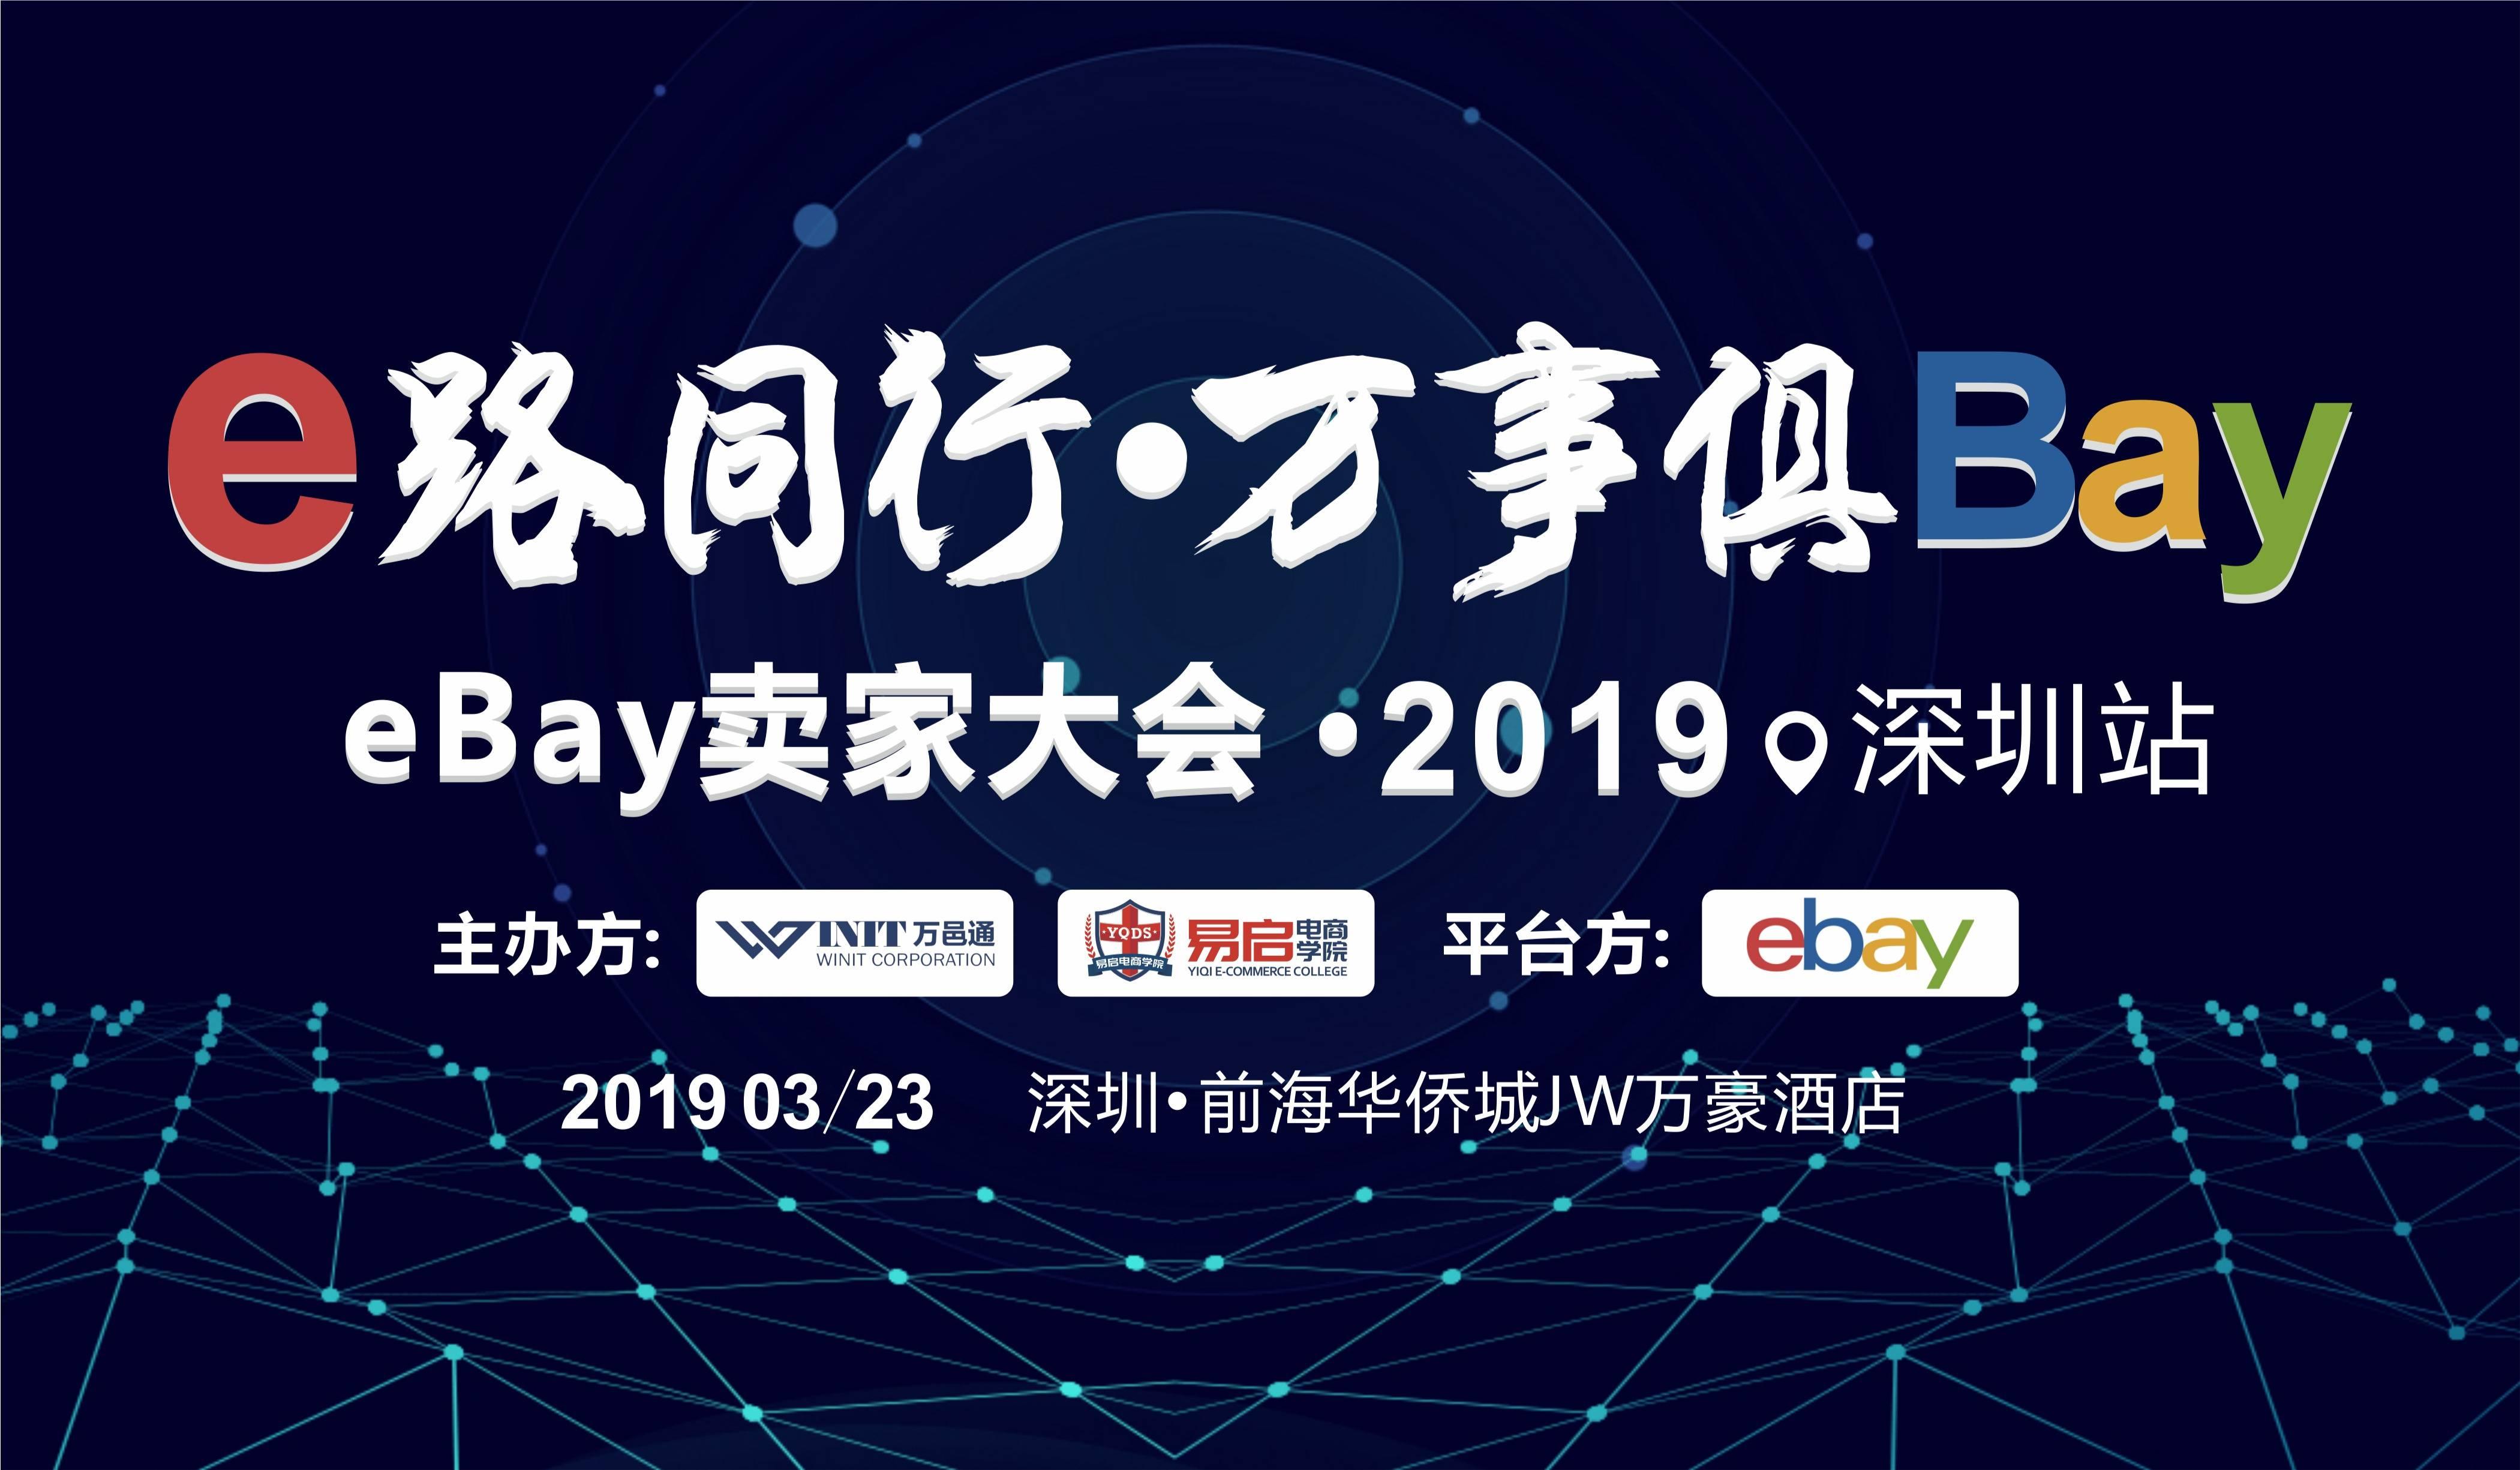 互动吧-e路同行*万事俱Bay —— eBay卖家大会*2019全国巡回系列活动*深圳站